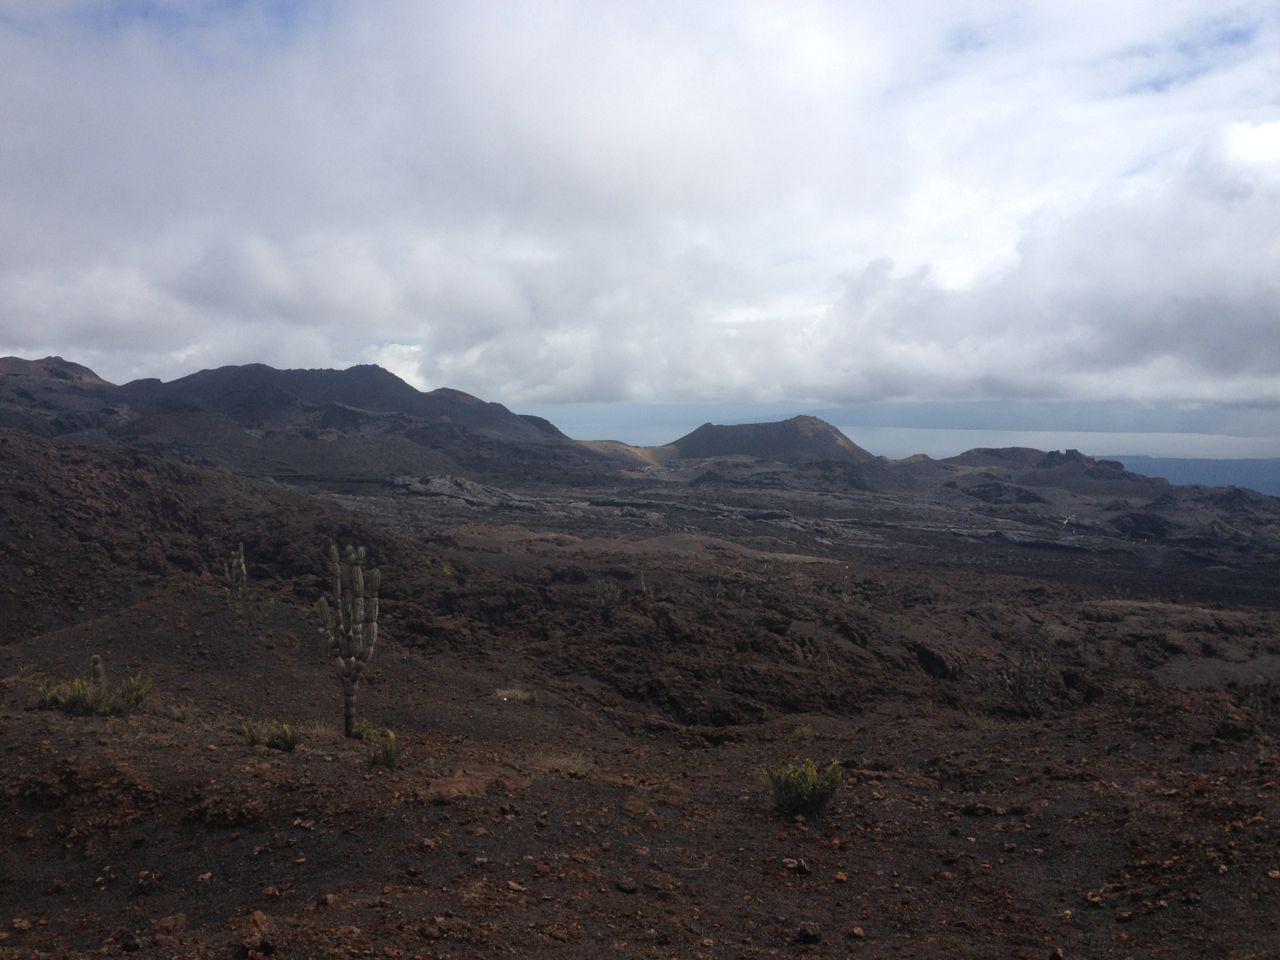 Hier wälzte sich der Lavastrom vom Vulkan Sierra Negra den Berg hinunter